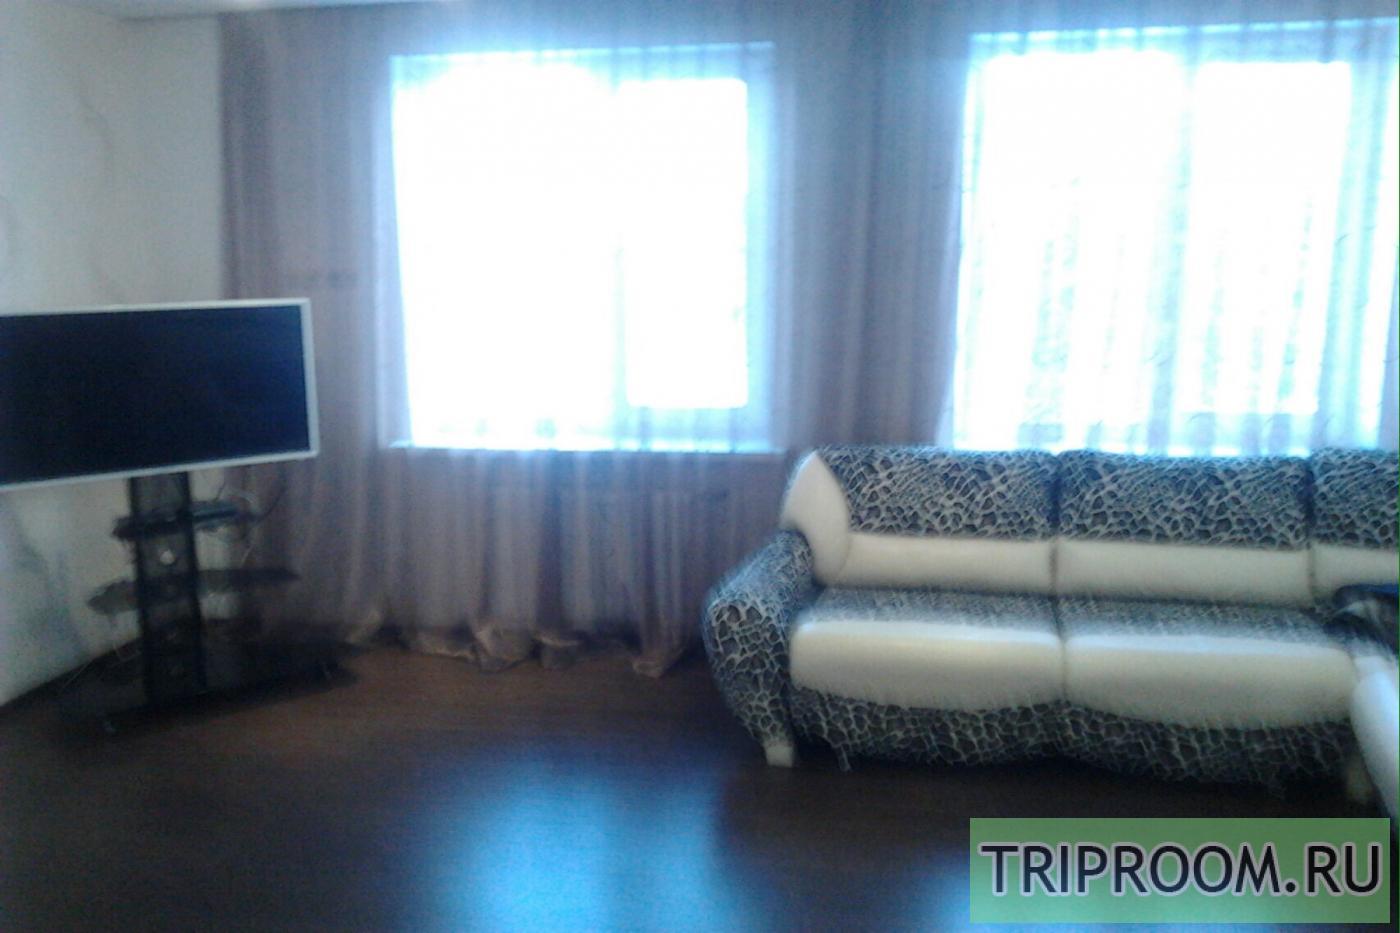 2-комнатная квартира посуточно (вариант № 4669), ул. 30 лет Победы улица, фото № 6